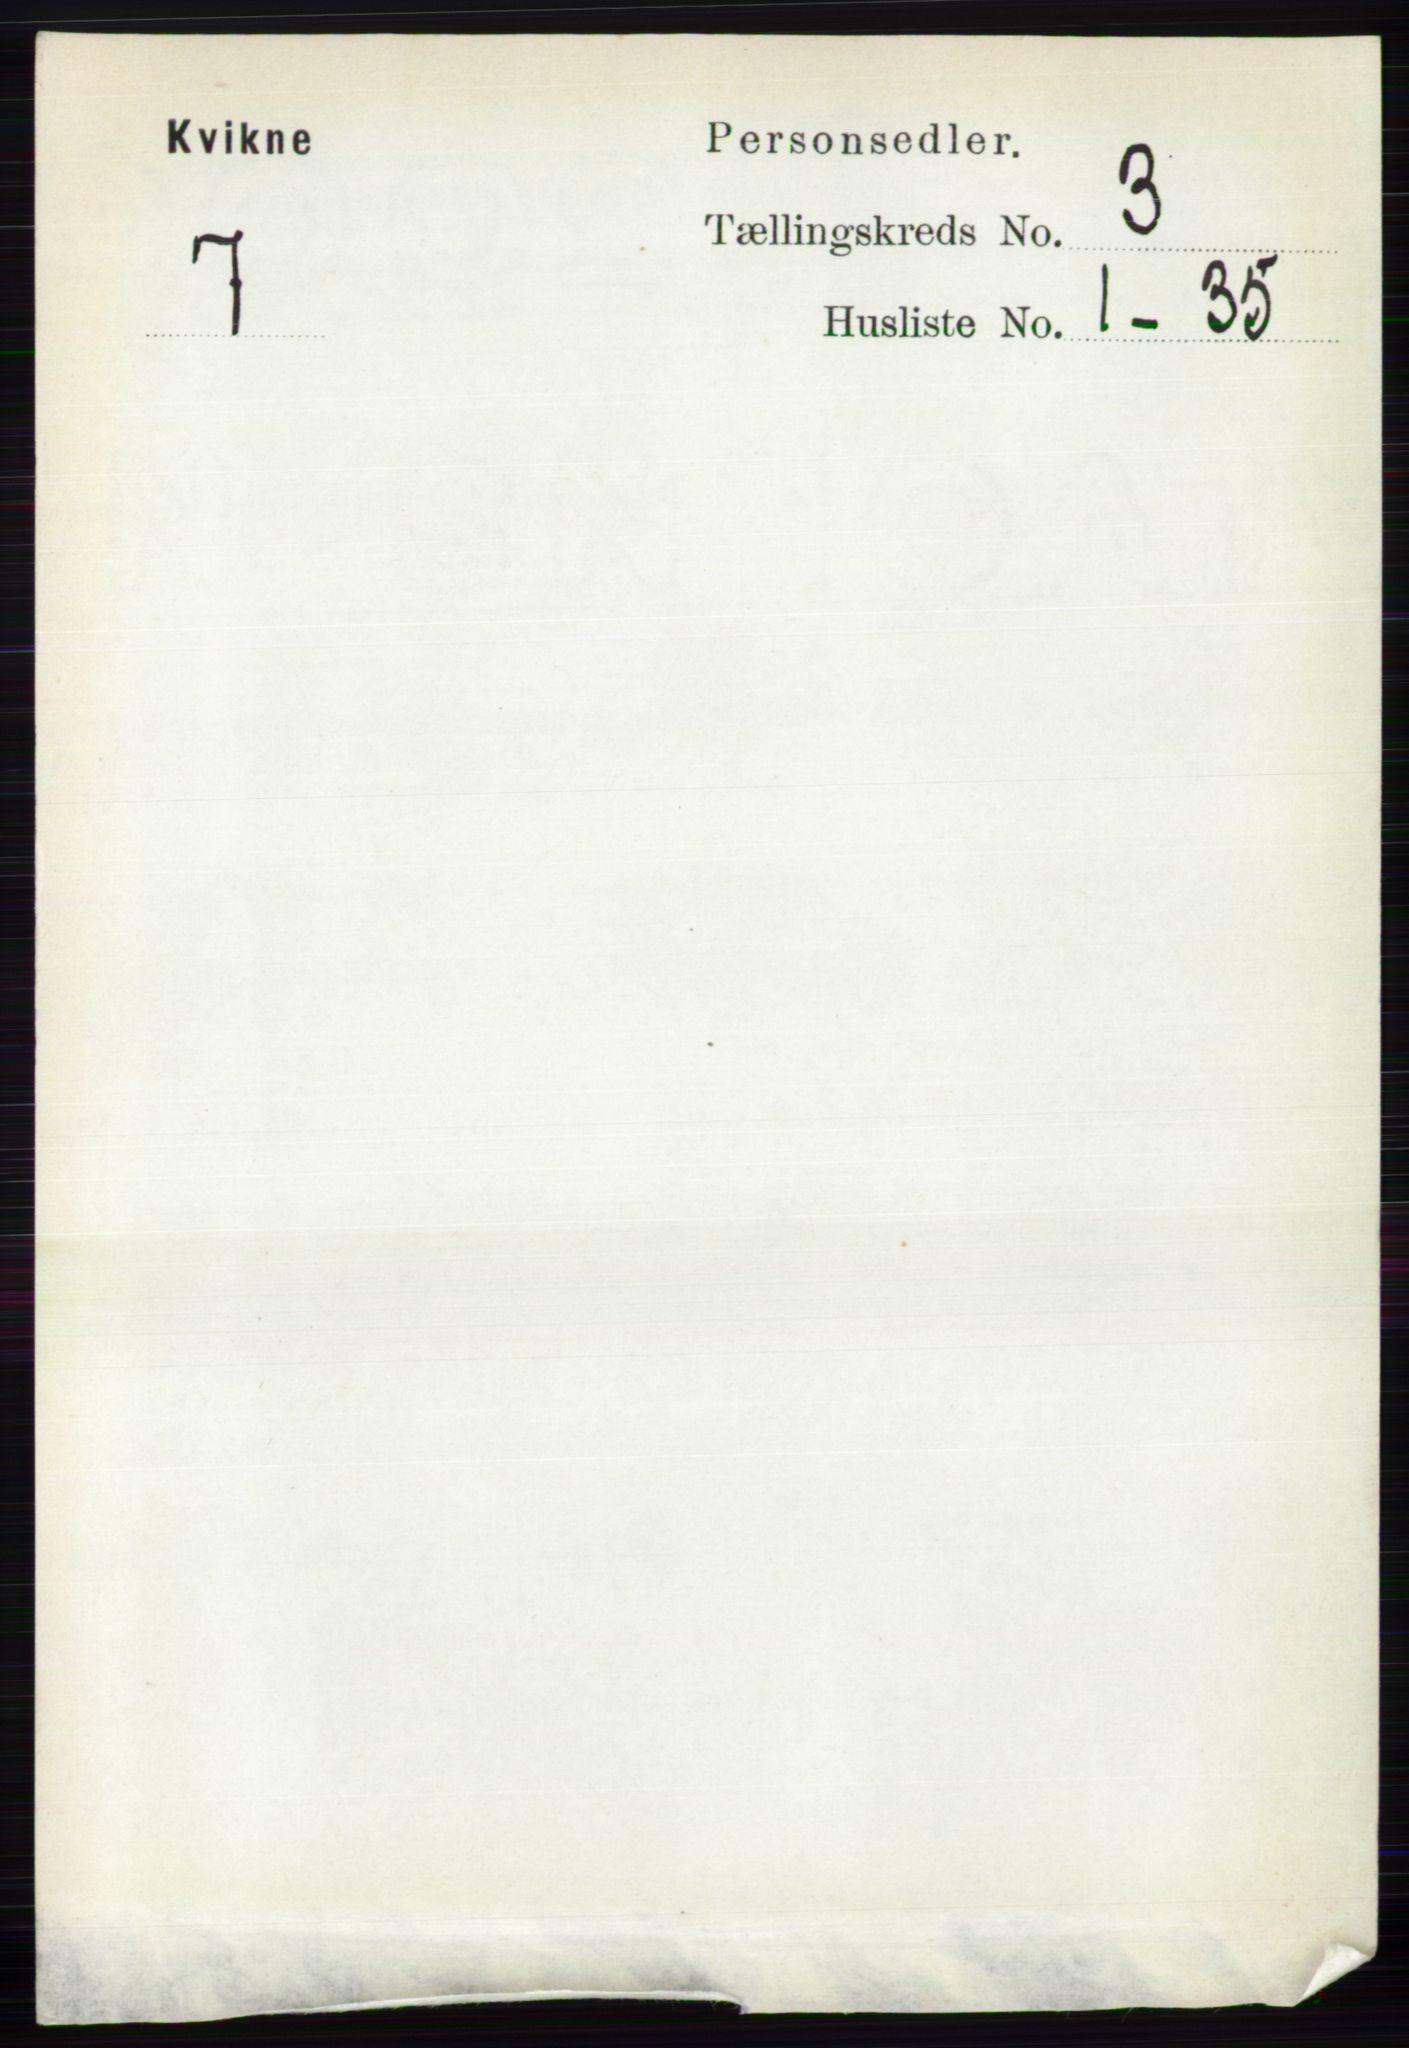 RA, Folketelling 1891 for 0440 Kvikne herred, 1891, s. 680